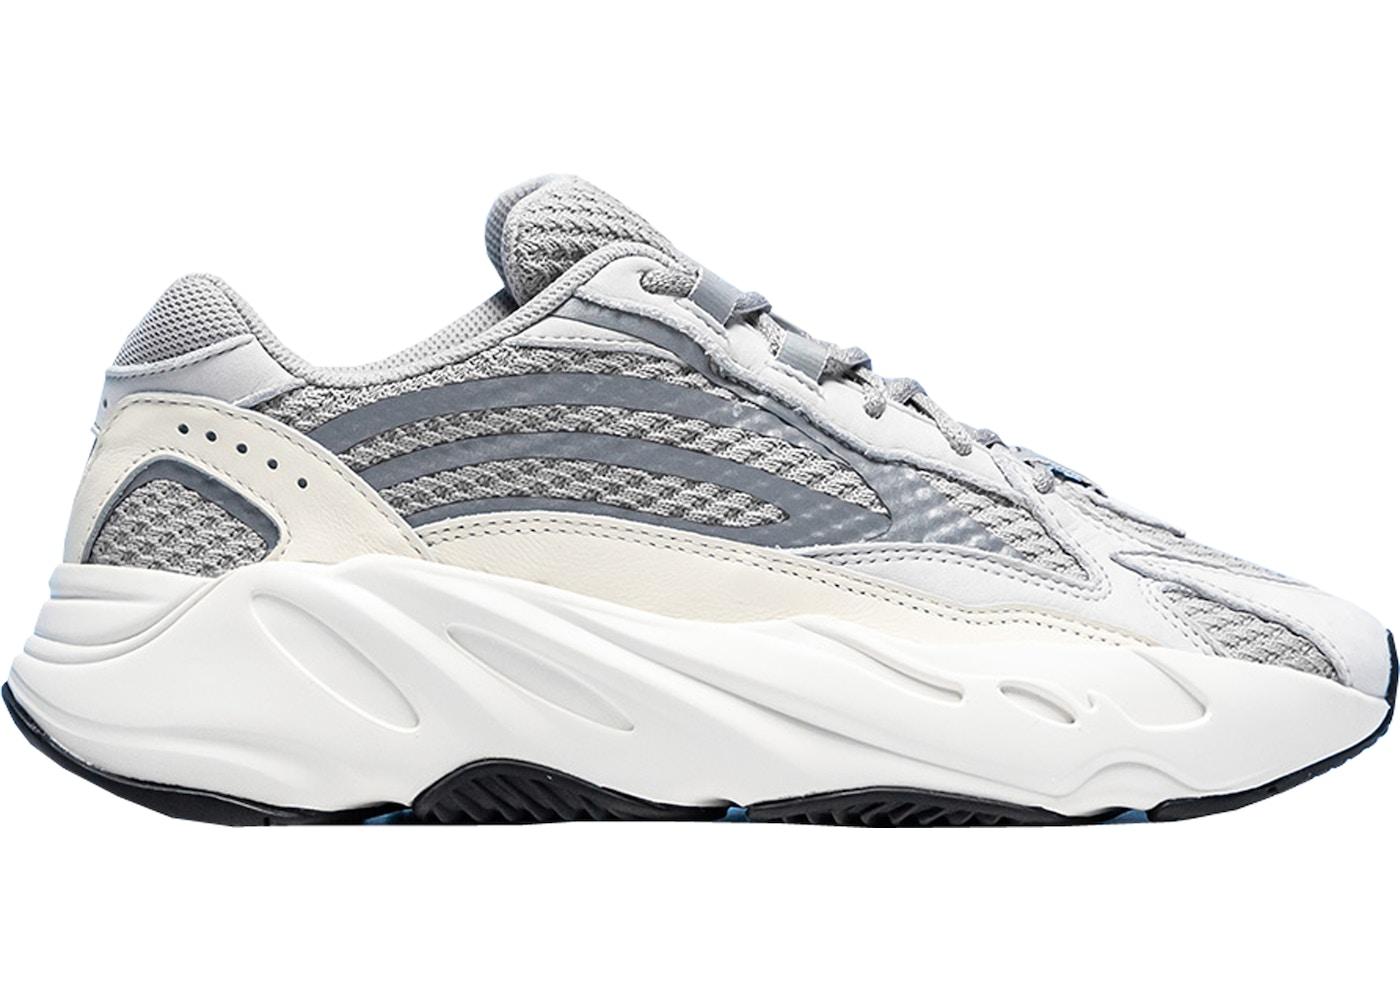 d1bd59e7c8d adidas Yeezy 700 Shoes - New Lowest Asks